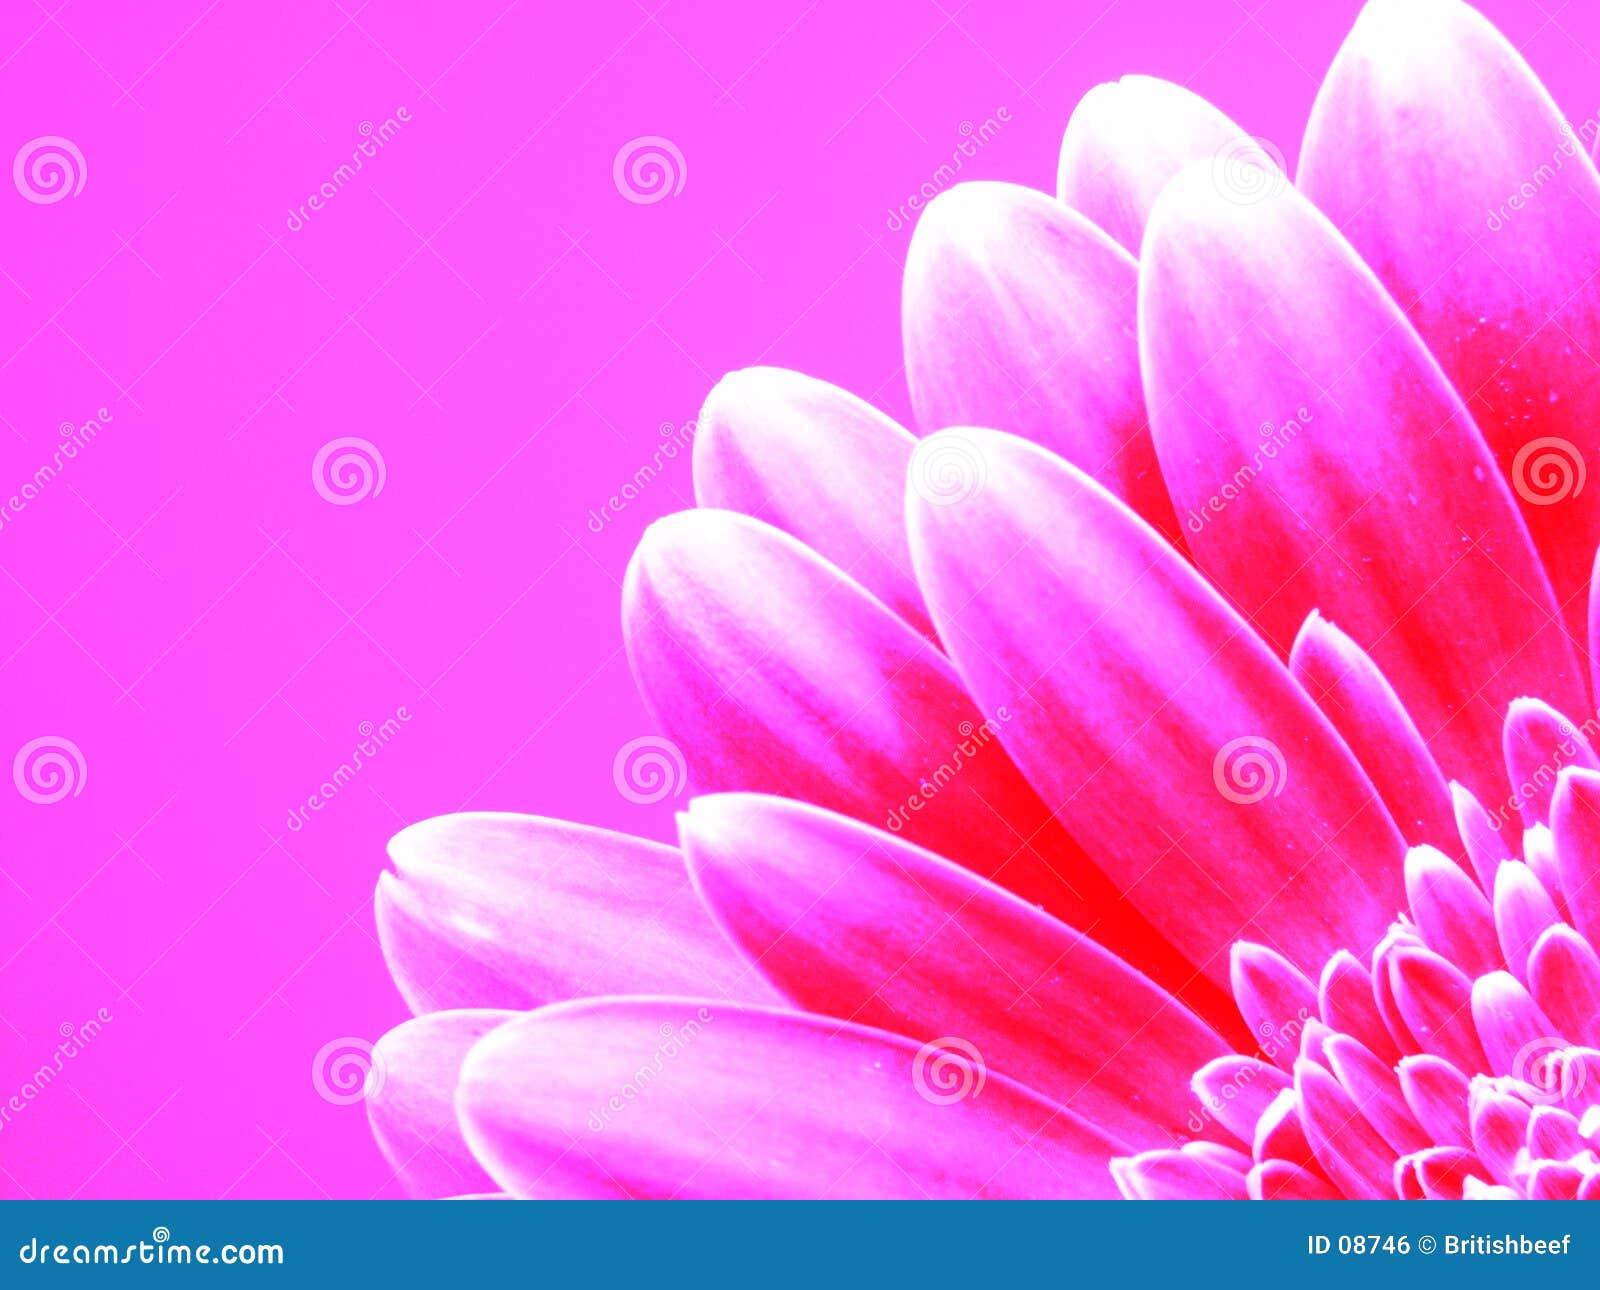 Gerber in pink